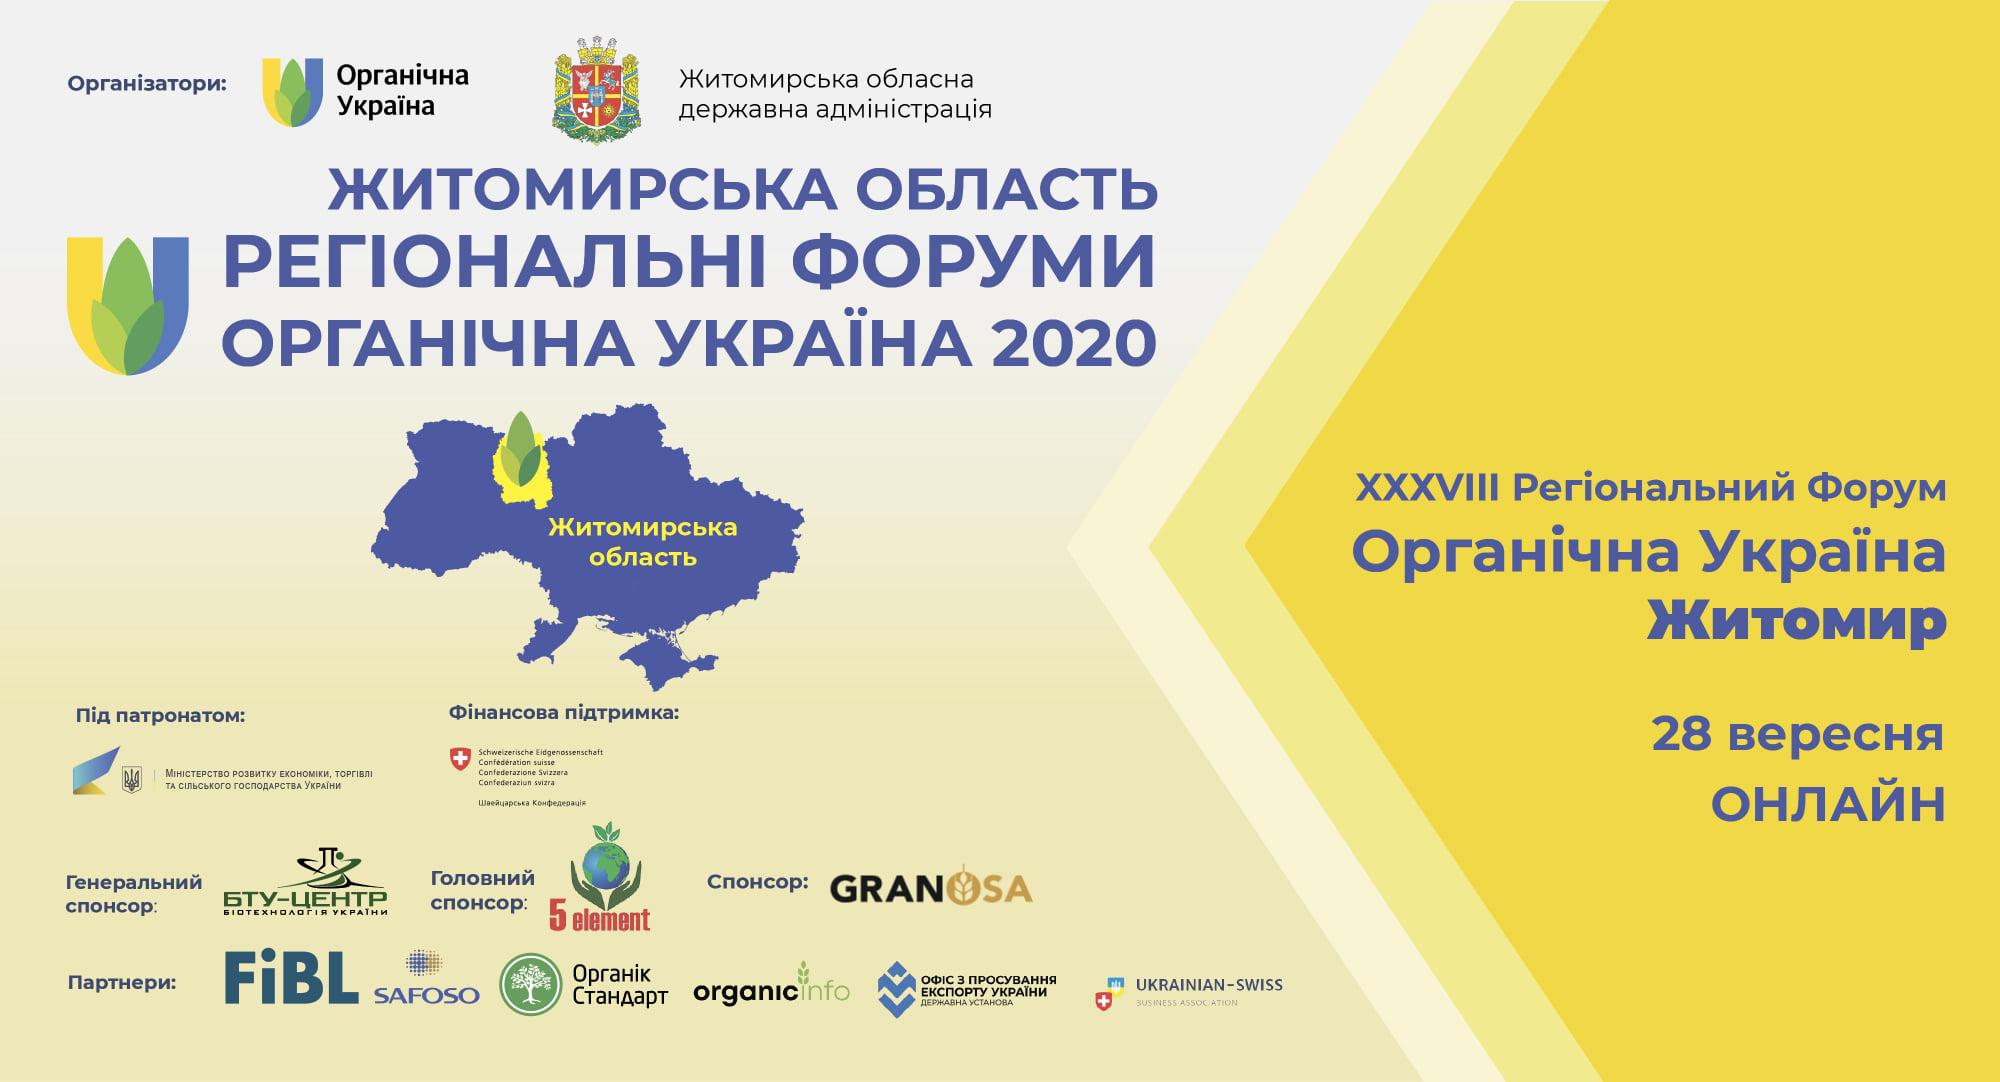 Житомир_Регіональний форум